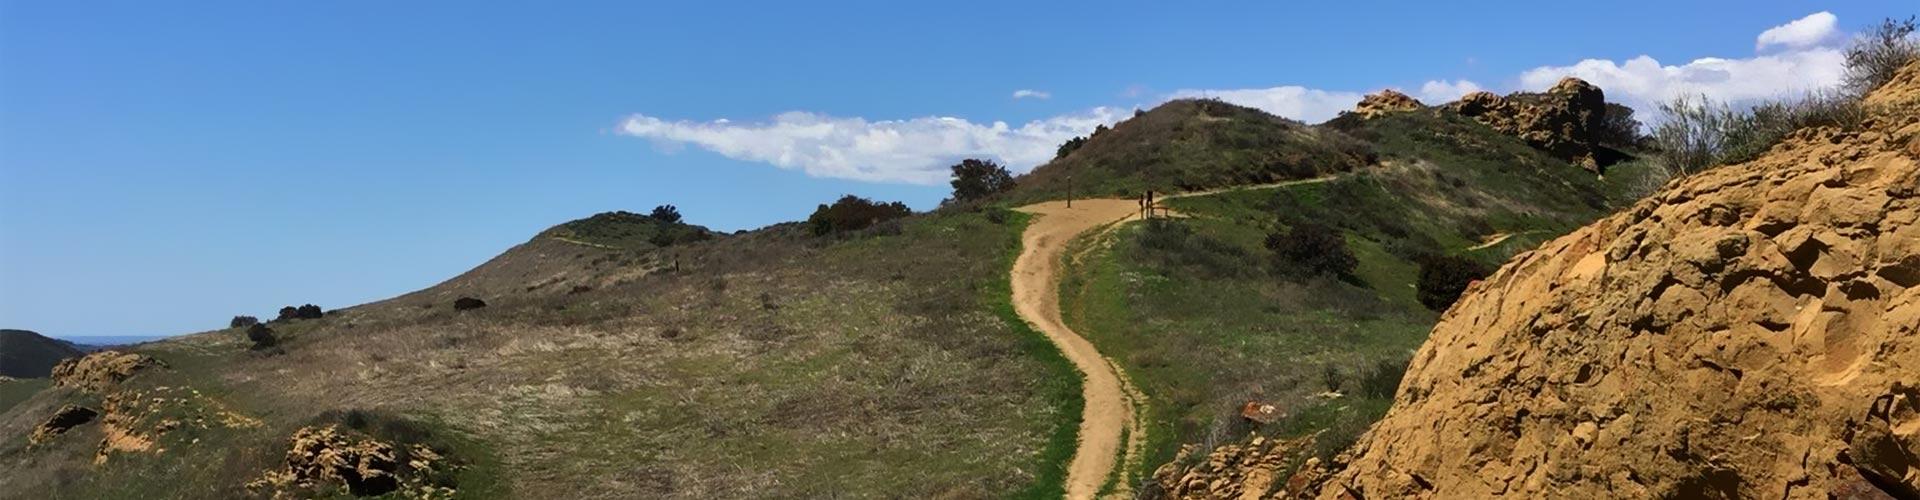 Long Canyon Trail Header